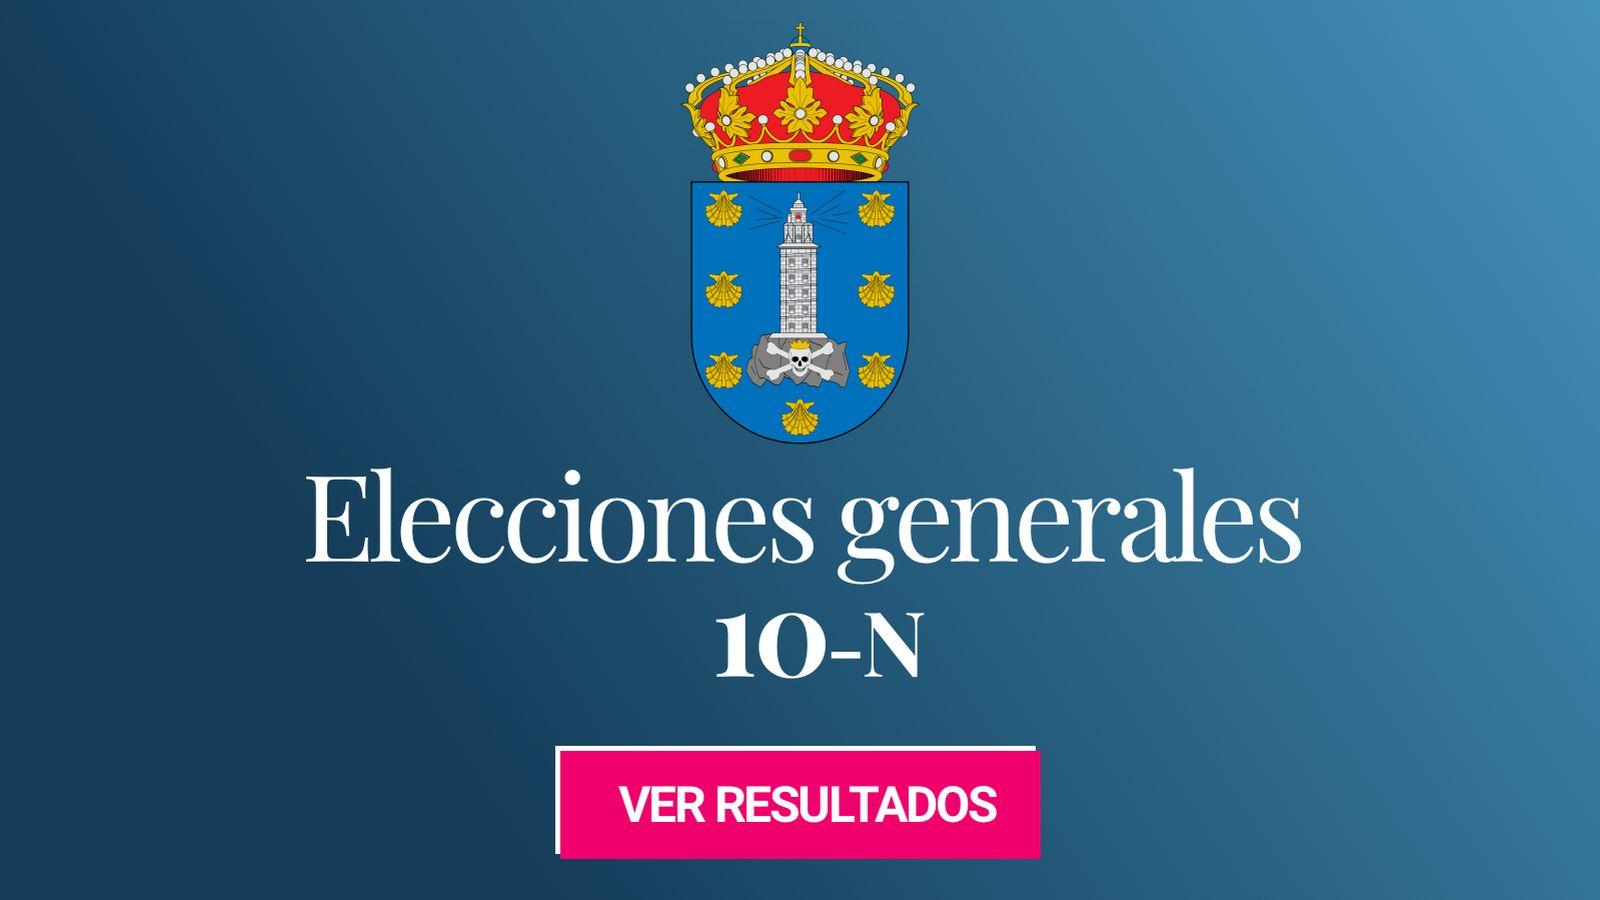 Foto: Elecciones generales 2019 en A Coruña. (C.C./EC)